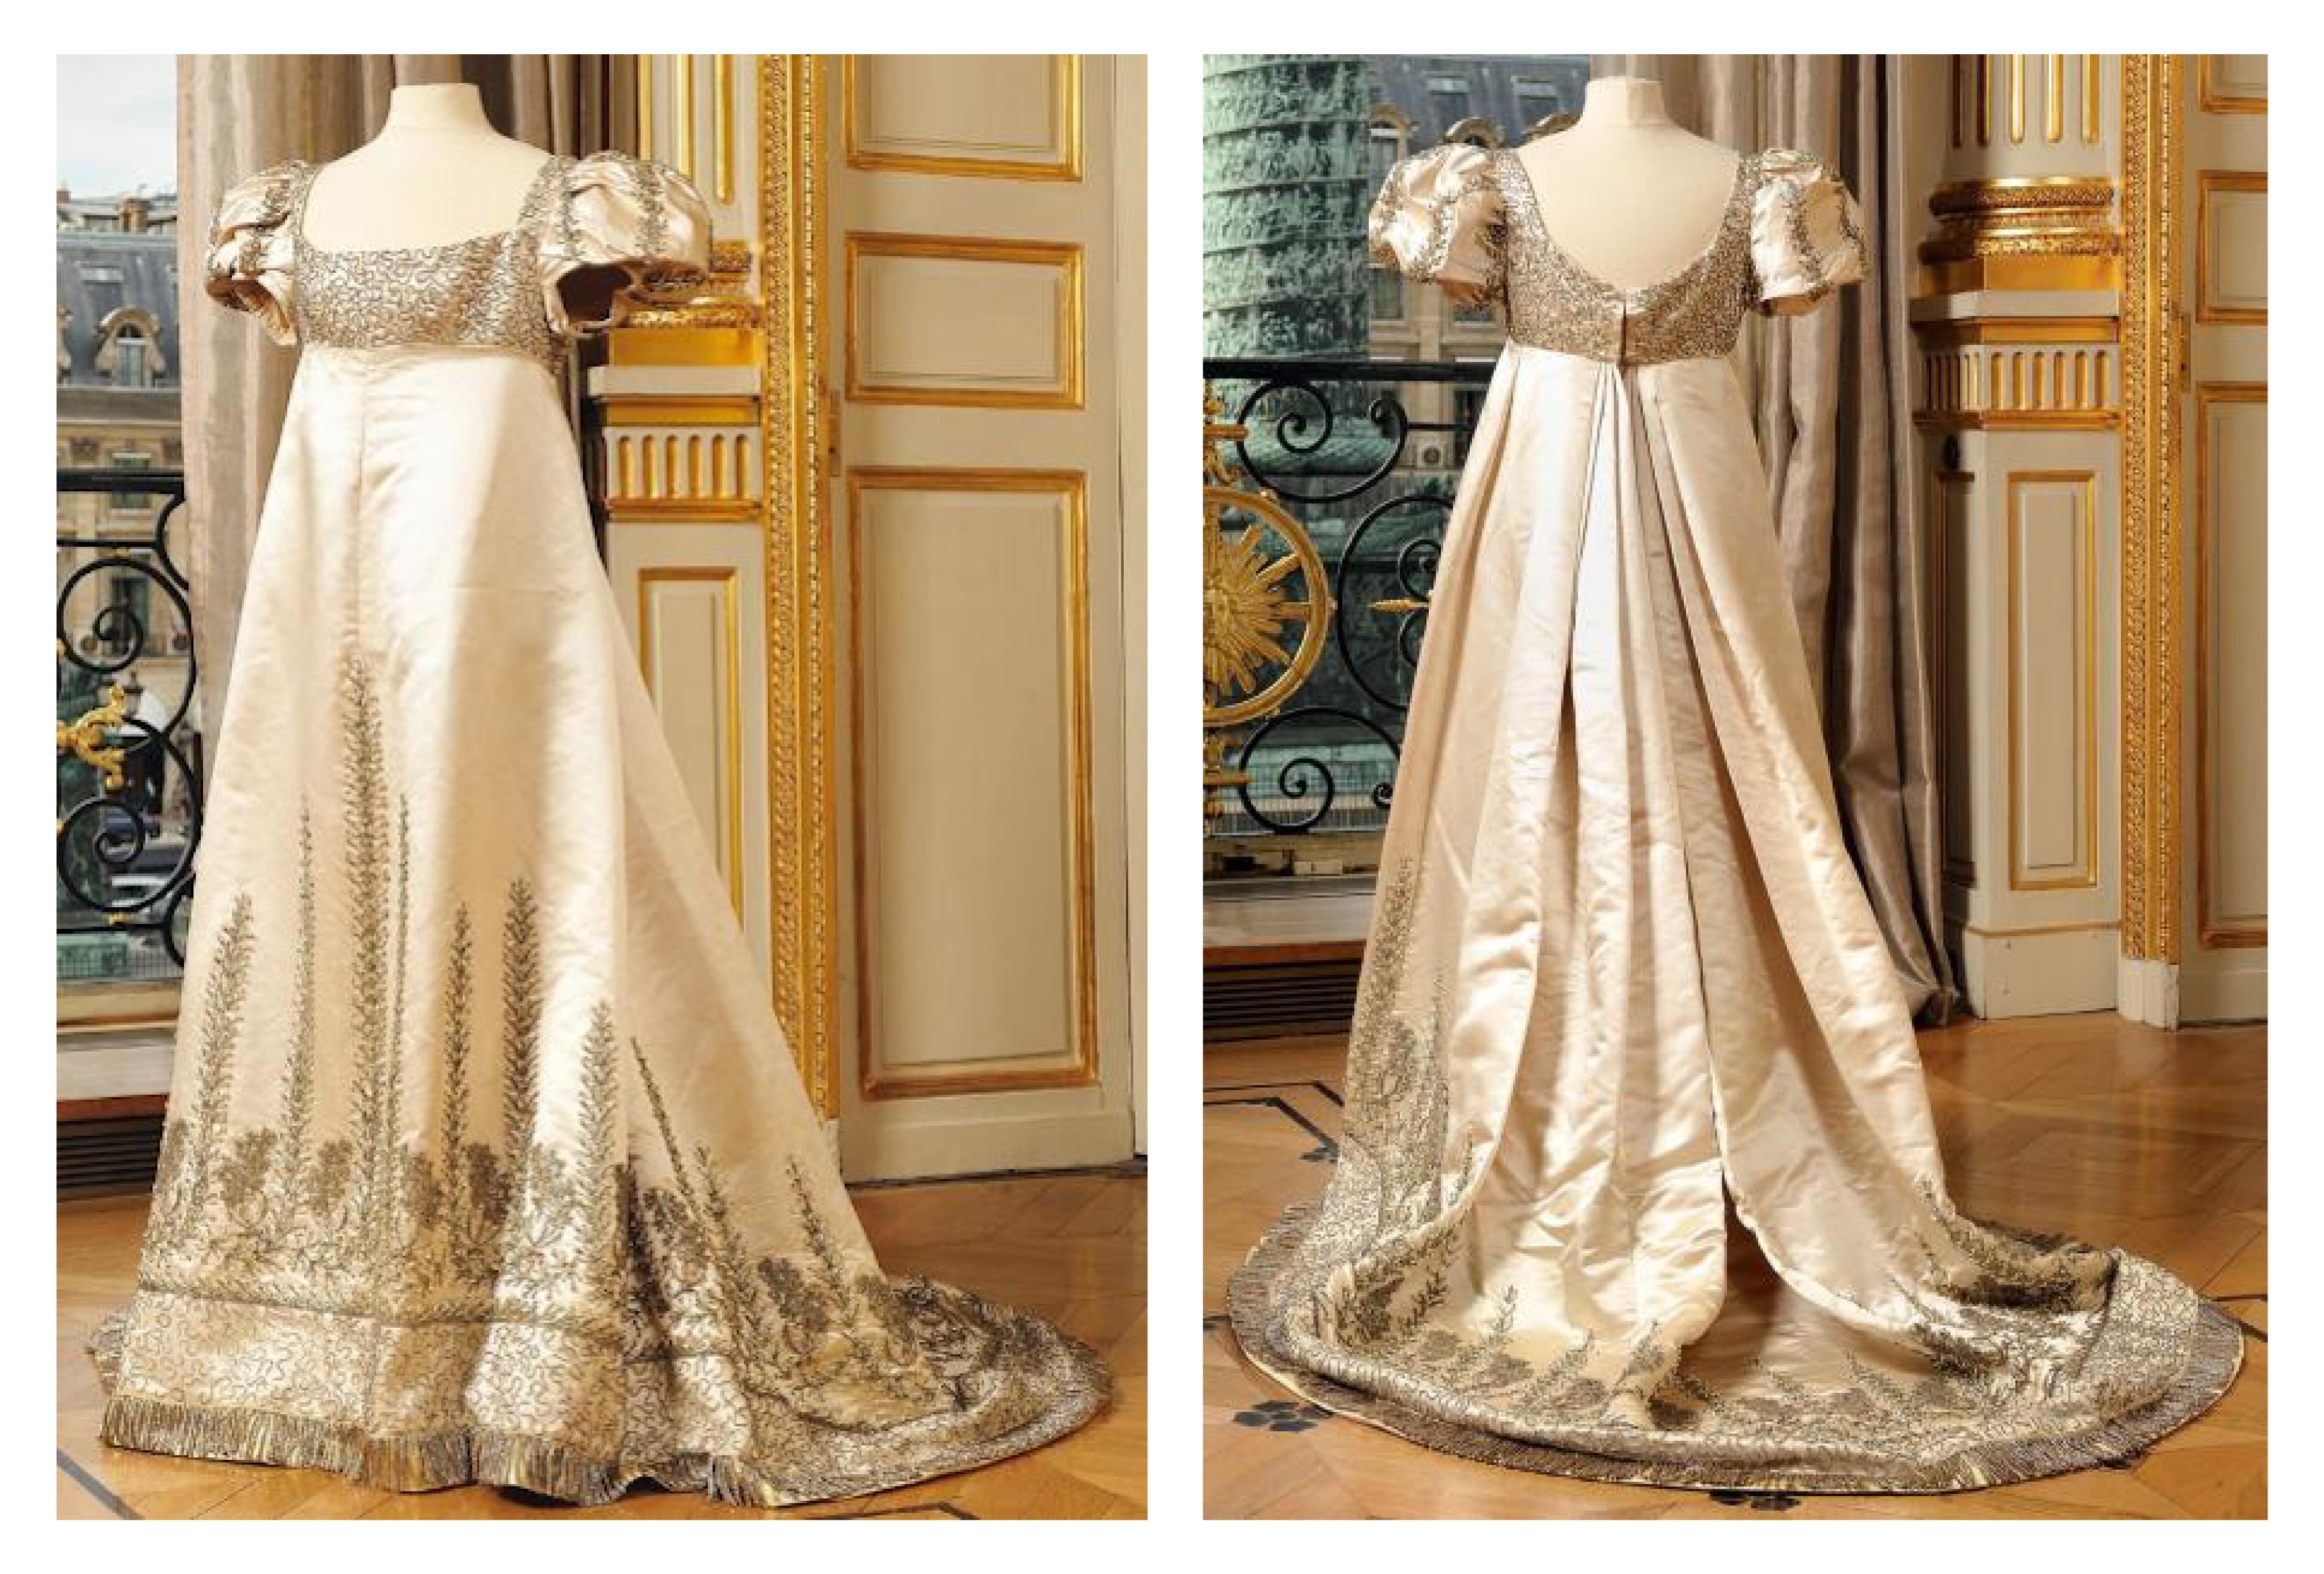 Dress Worn By Empress Josephine